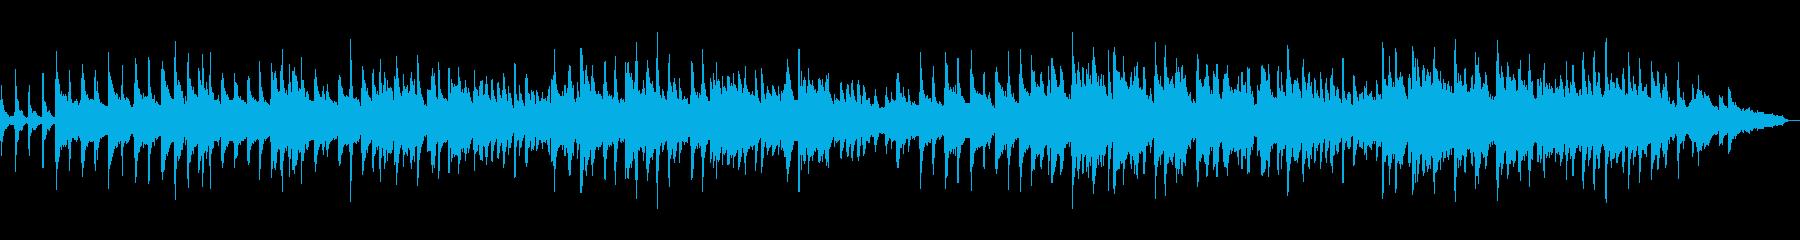 ガーシュウィンのサマータイムをピアノでの再生済みの波形